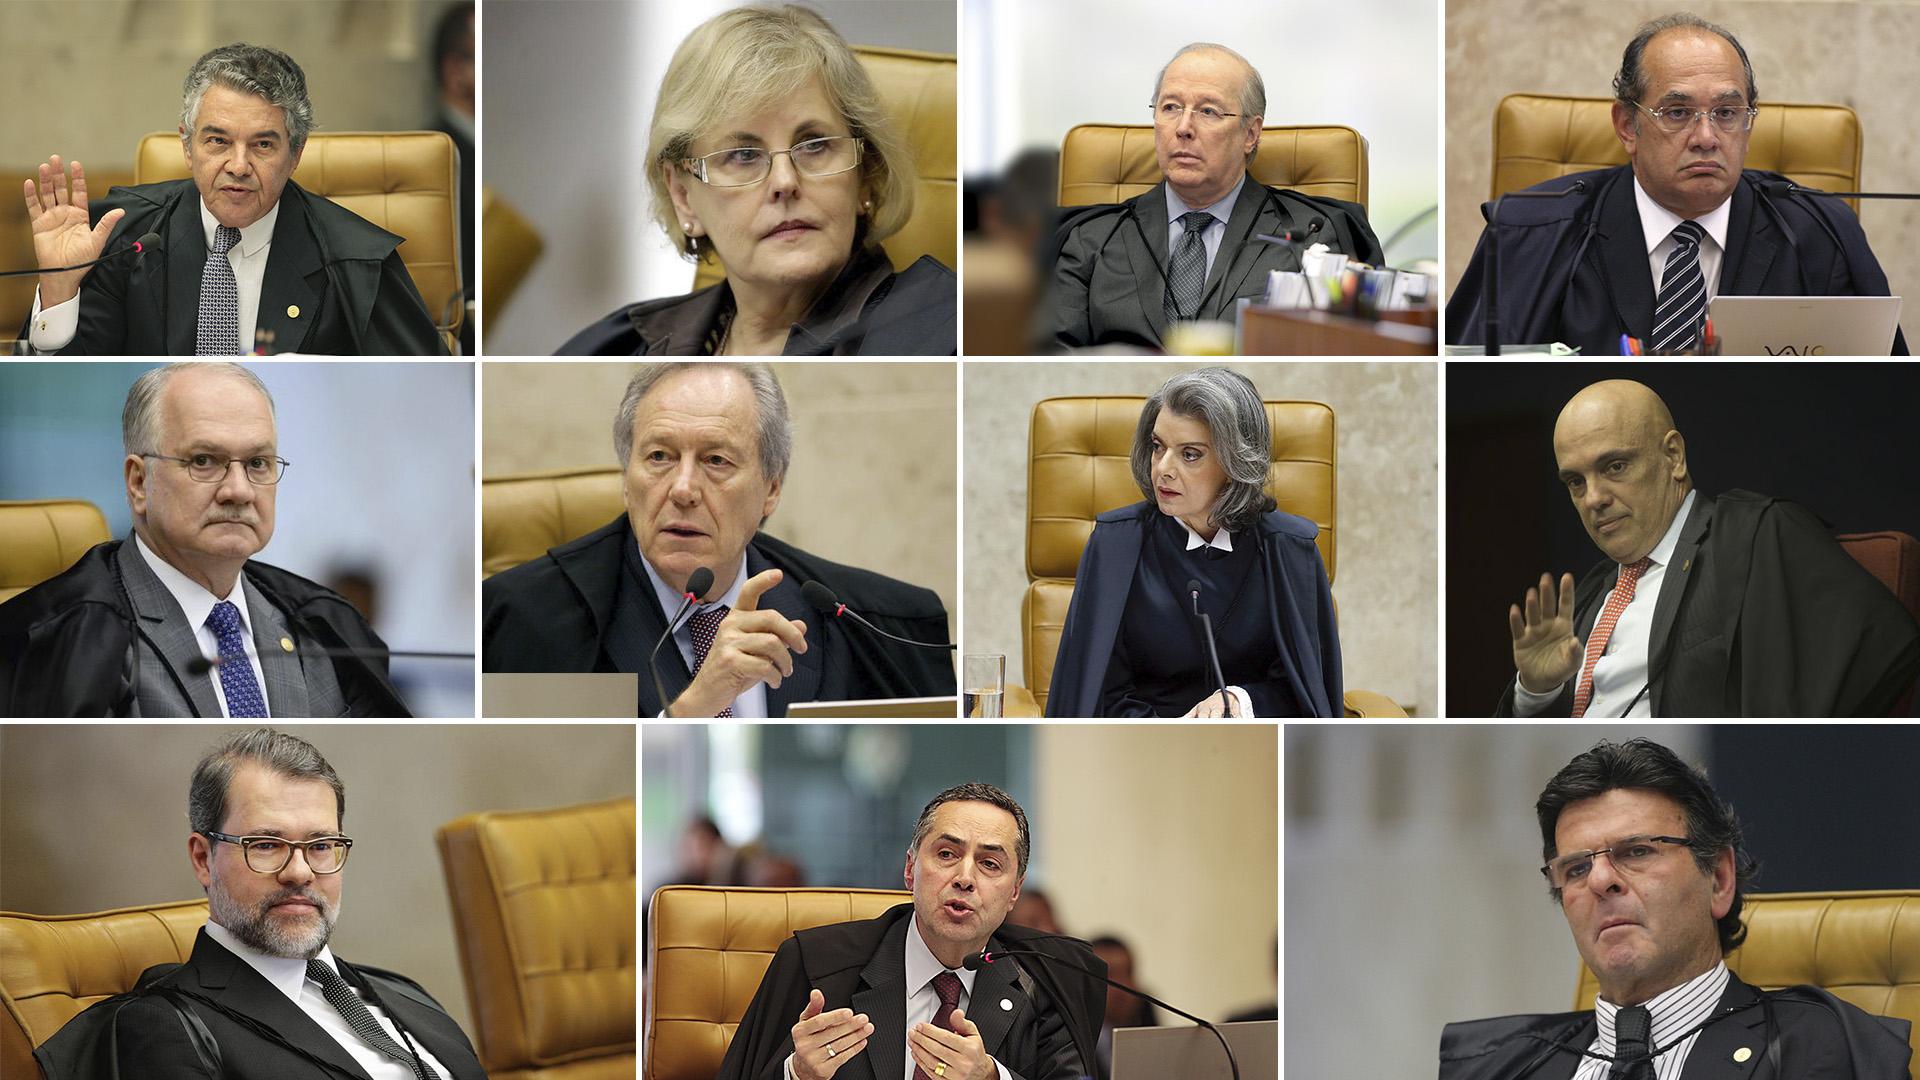 Los 11 jueces del Supremo Tribunal de Justicia de Brasil